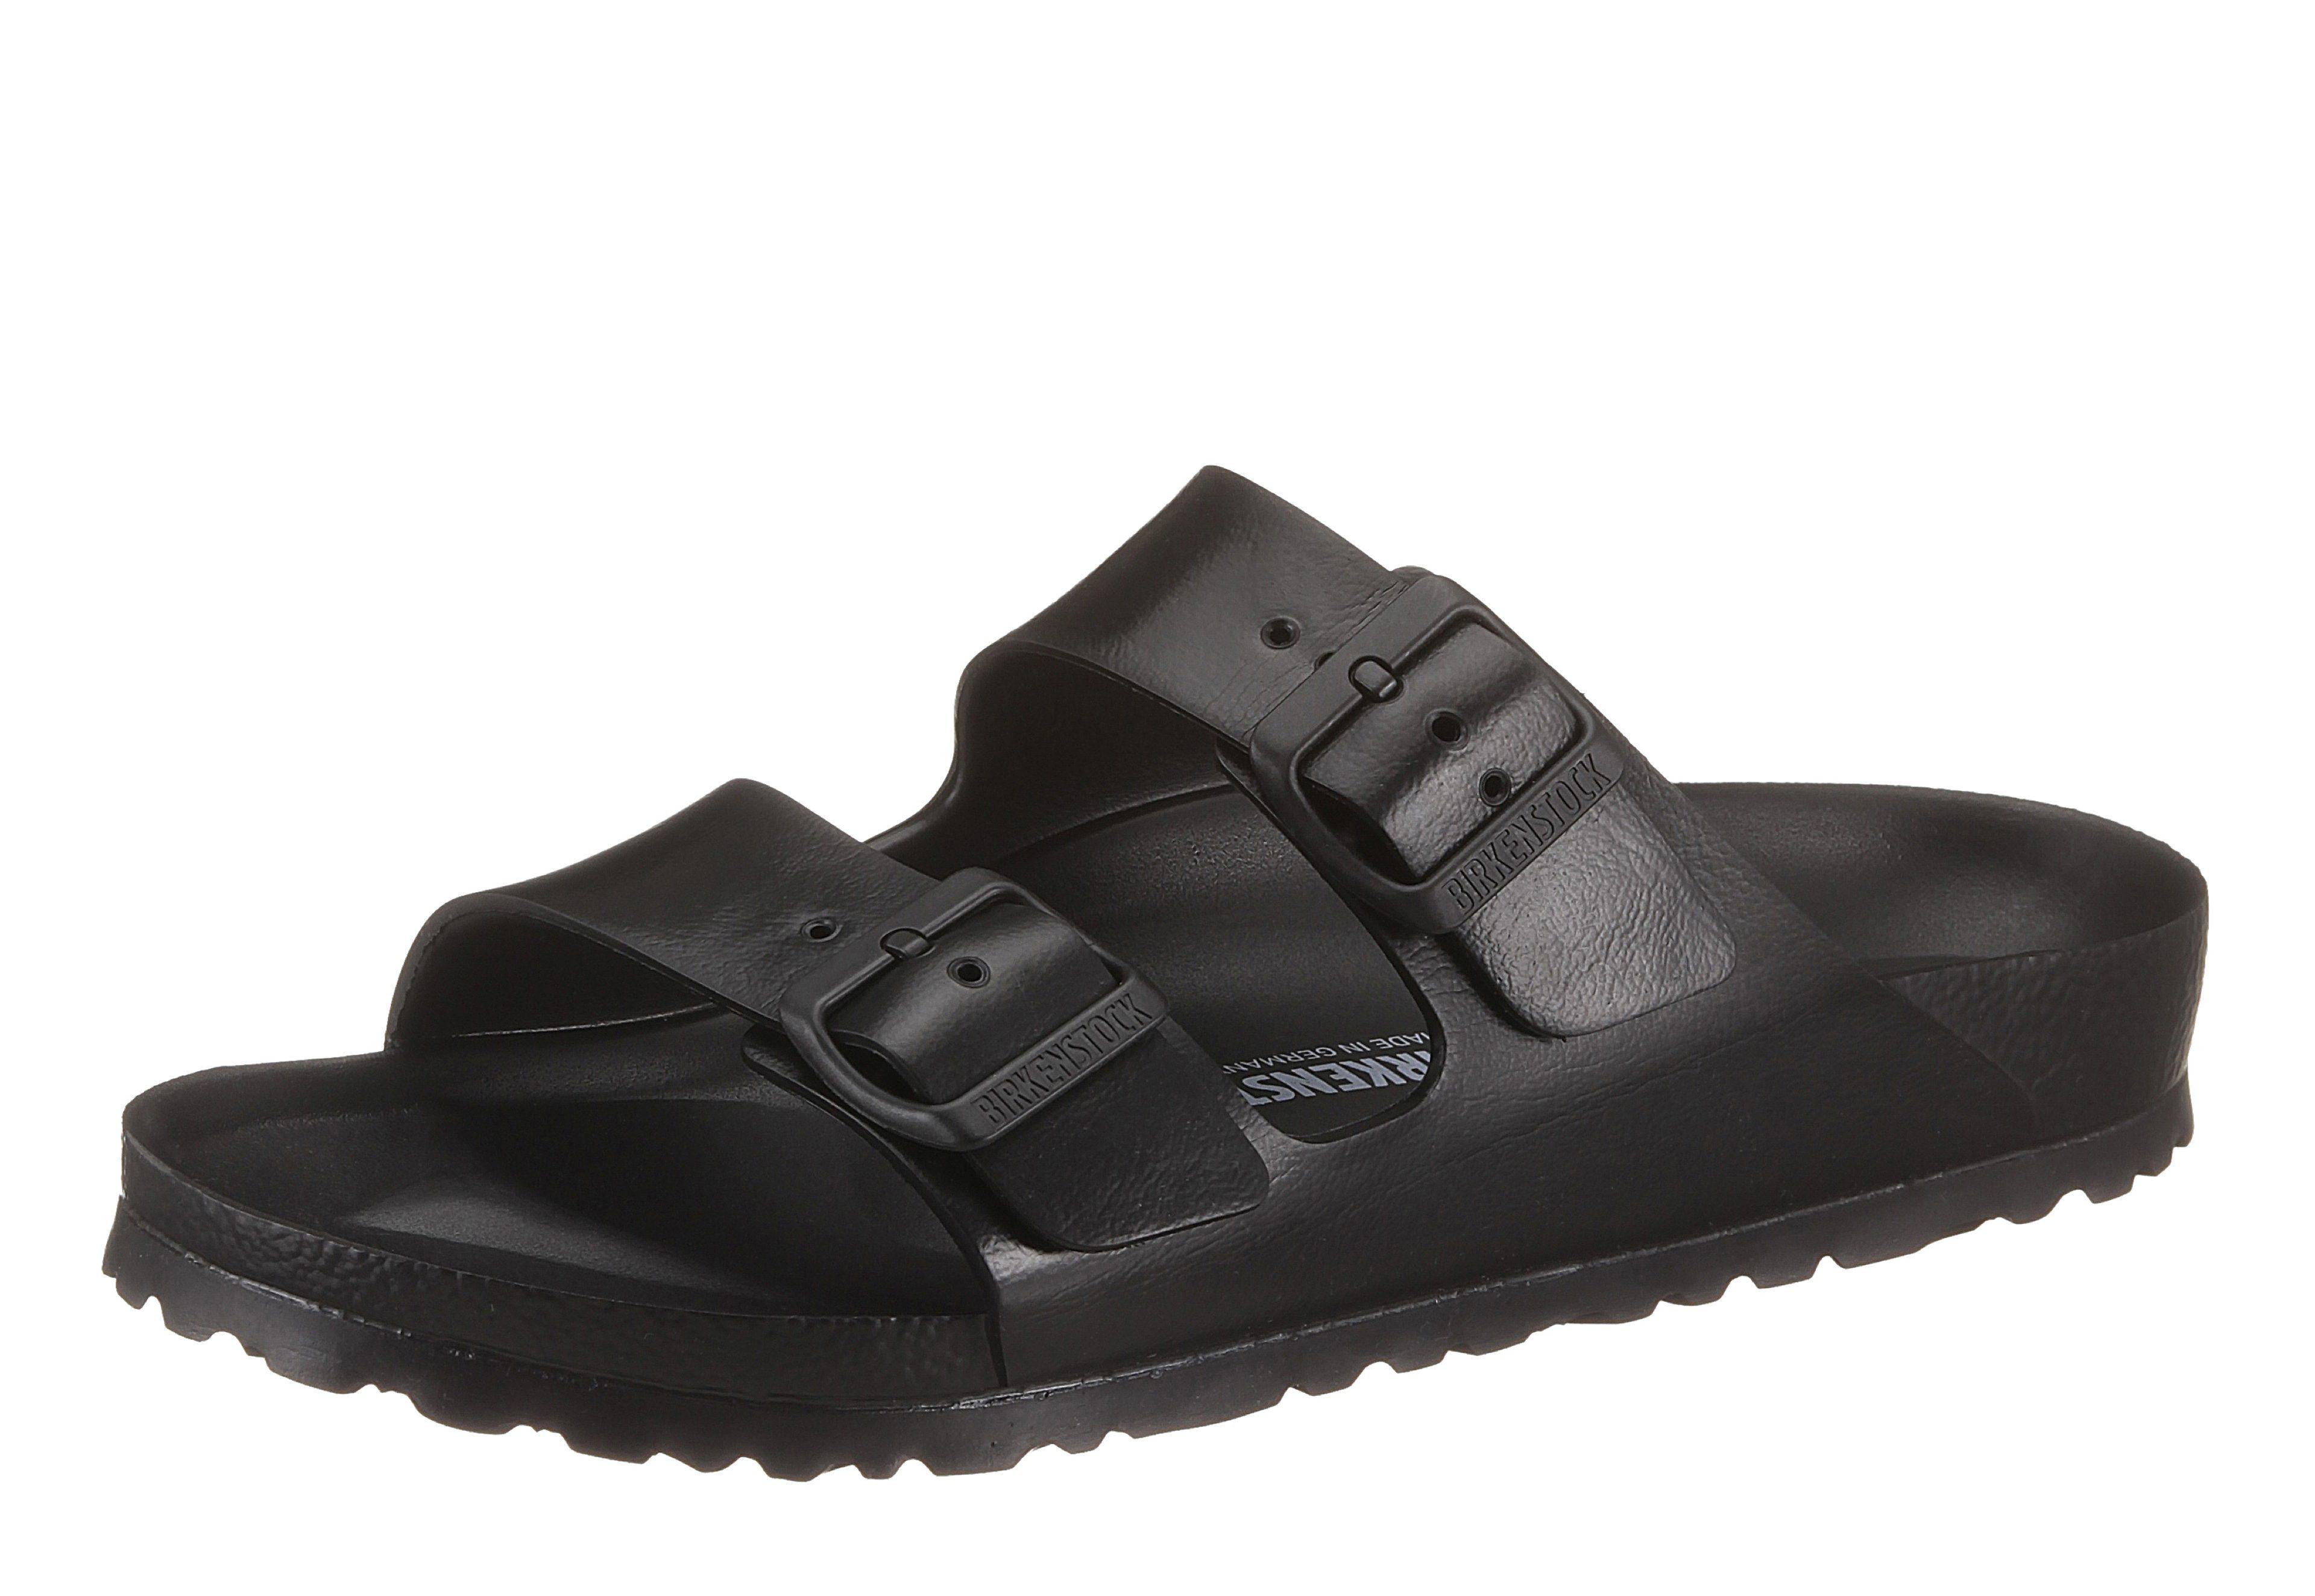 Birkenstock »ARIZONA EVA« Pantolette in Schuhweite schmal, mit verstellbaren Schnallen online kaufen   OTTO